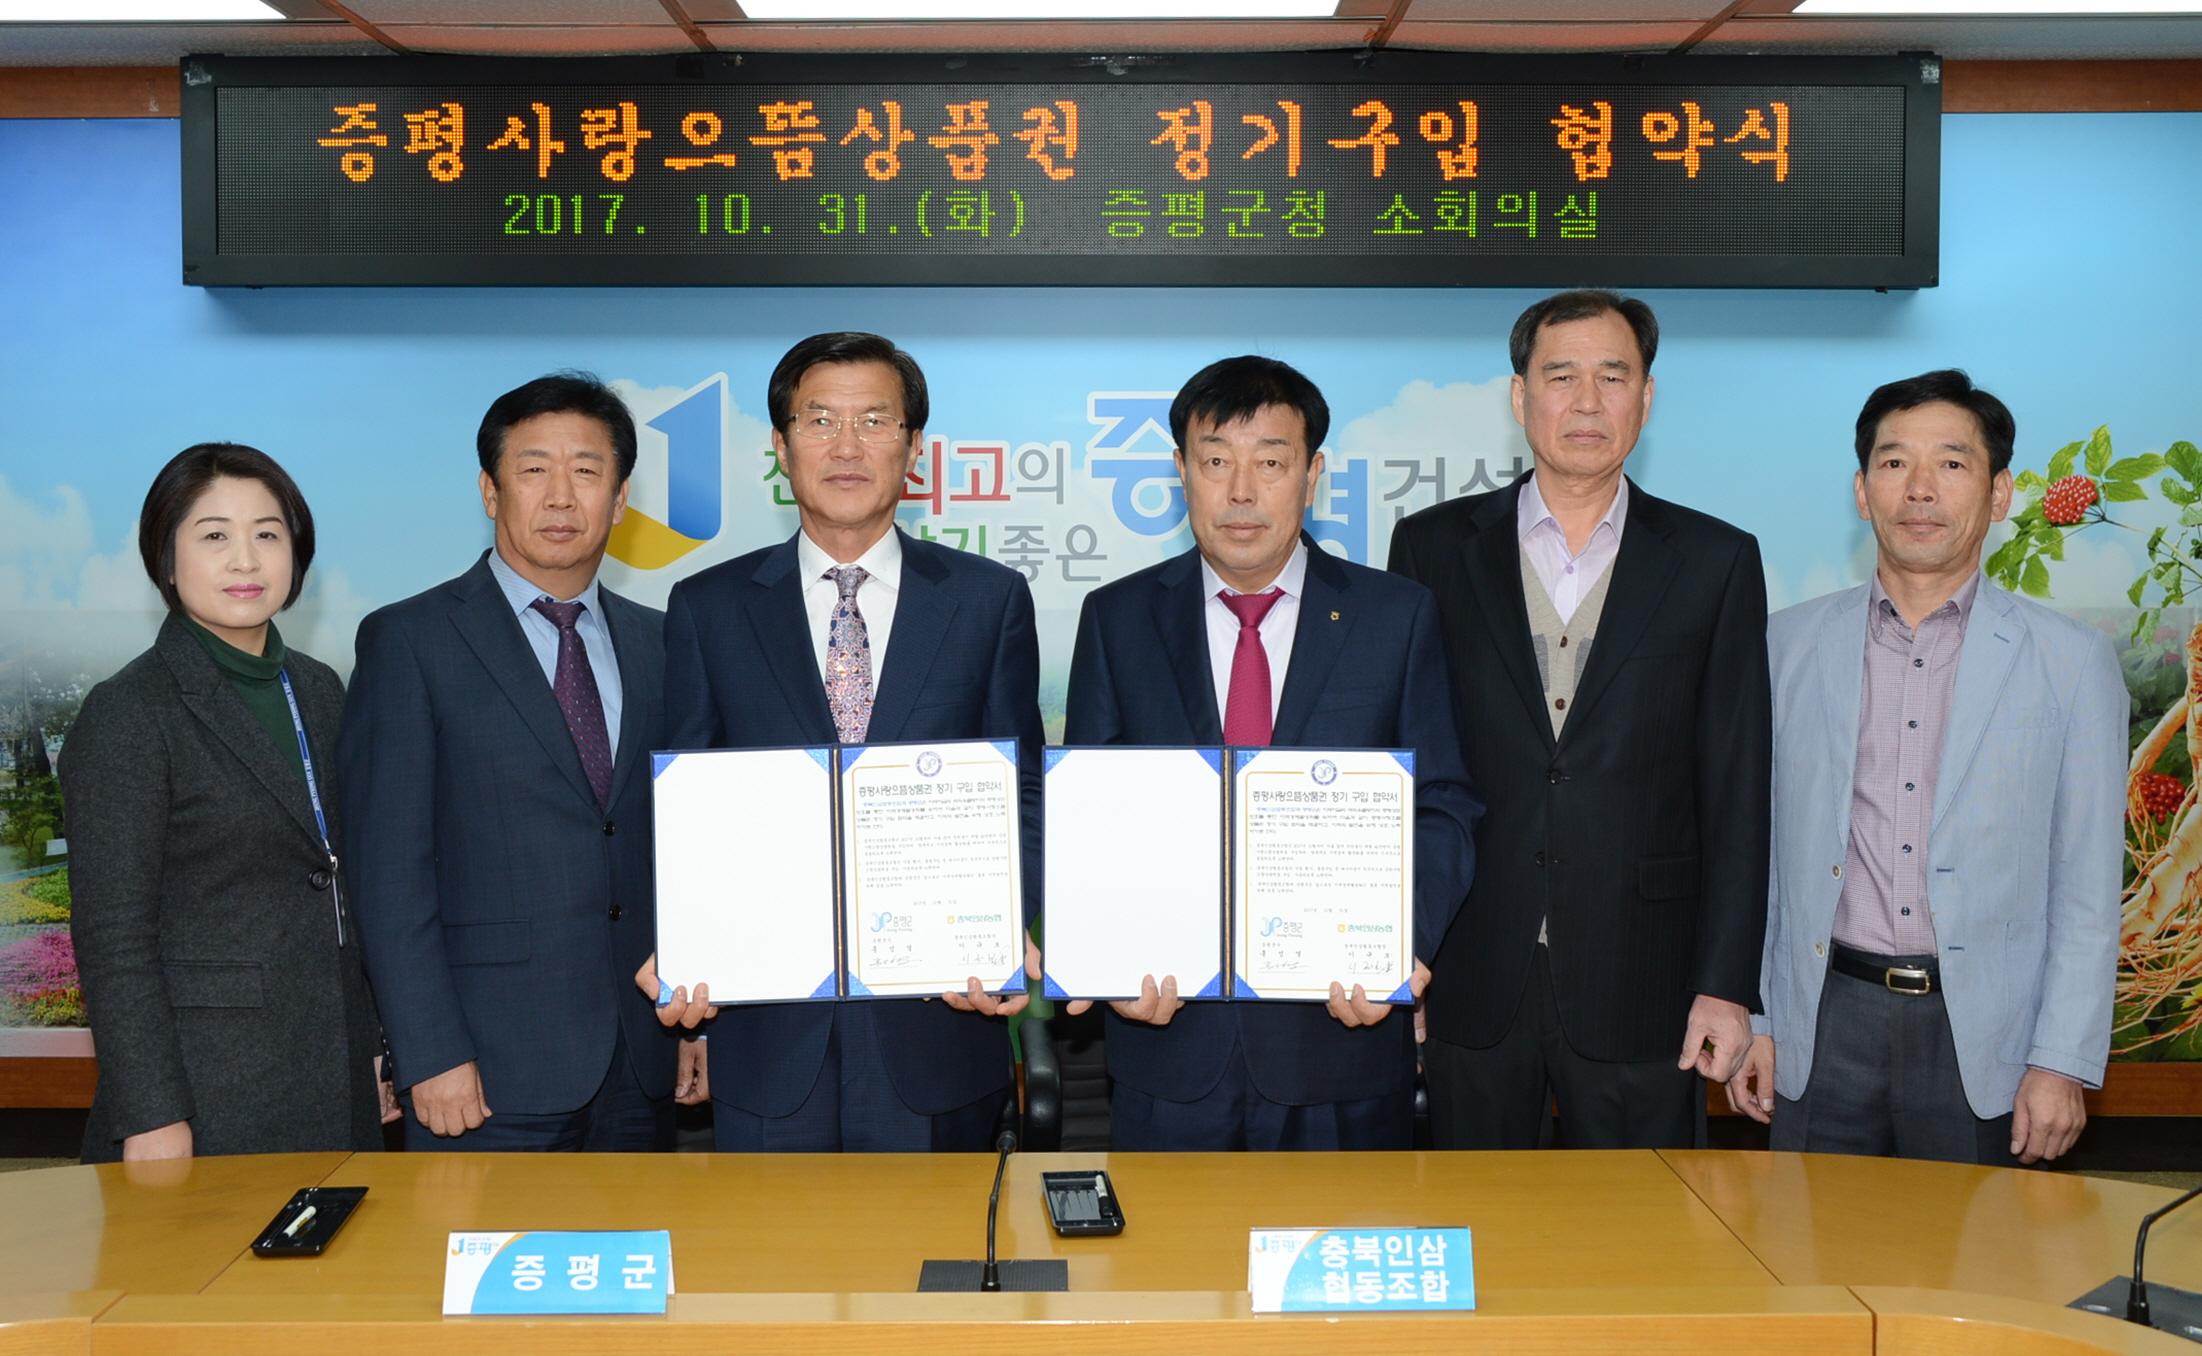 충북인삼협동조합, 증평사랑으뜸상품권 정기 구입 협약 체결 [이미지]